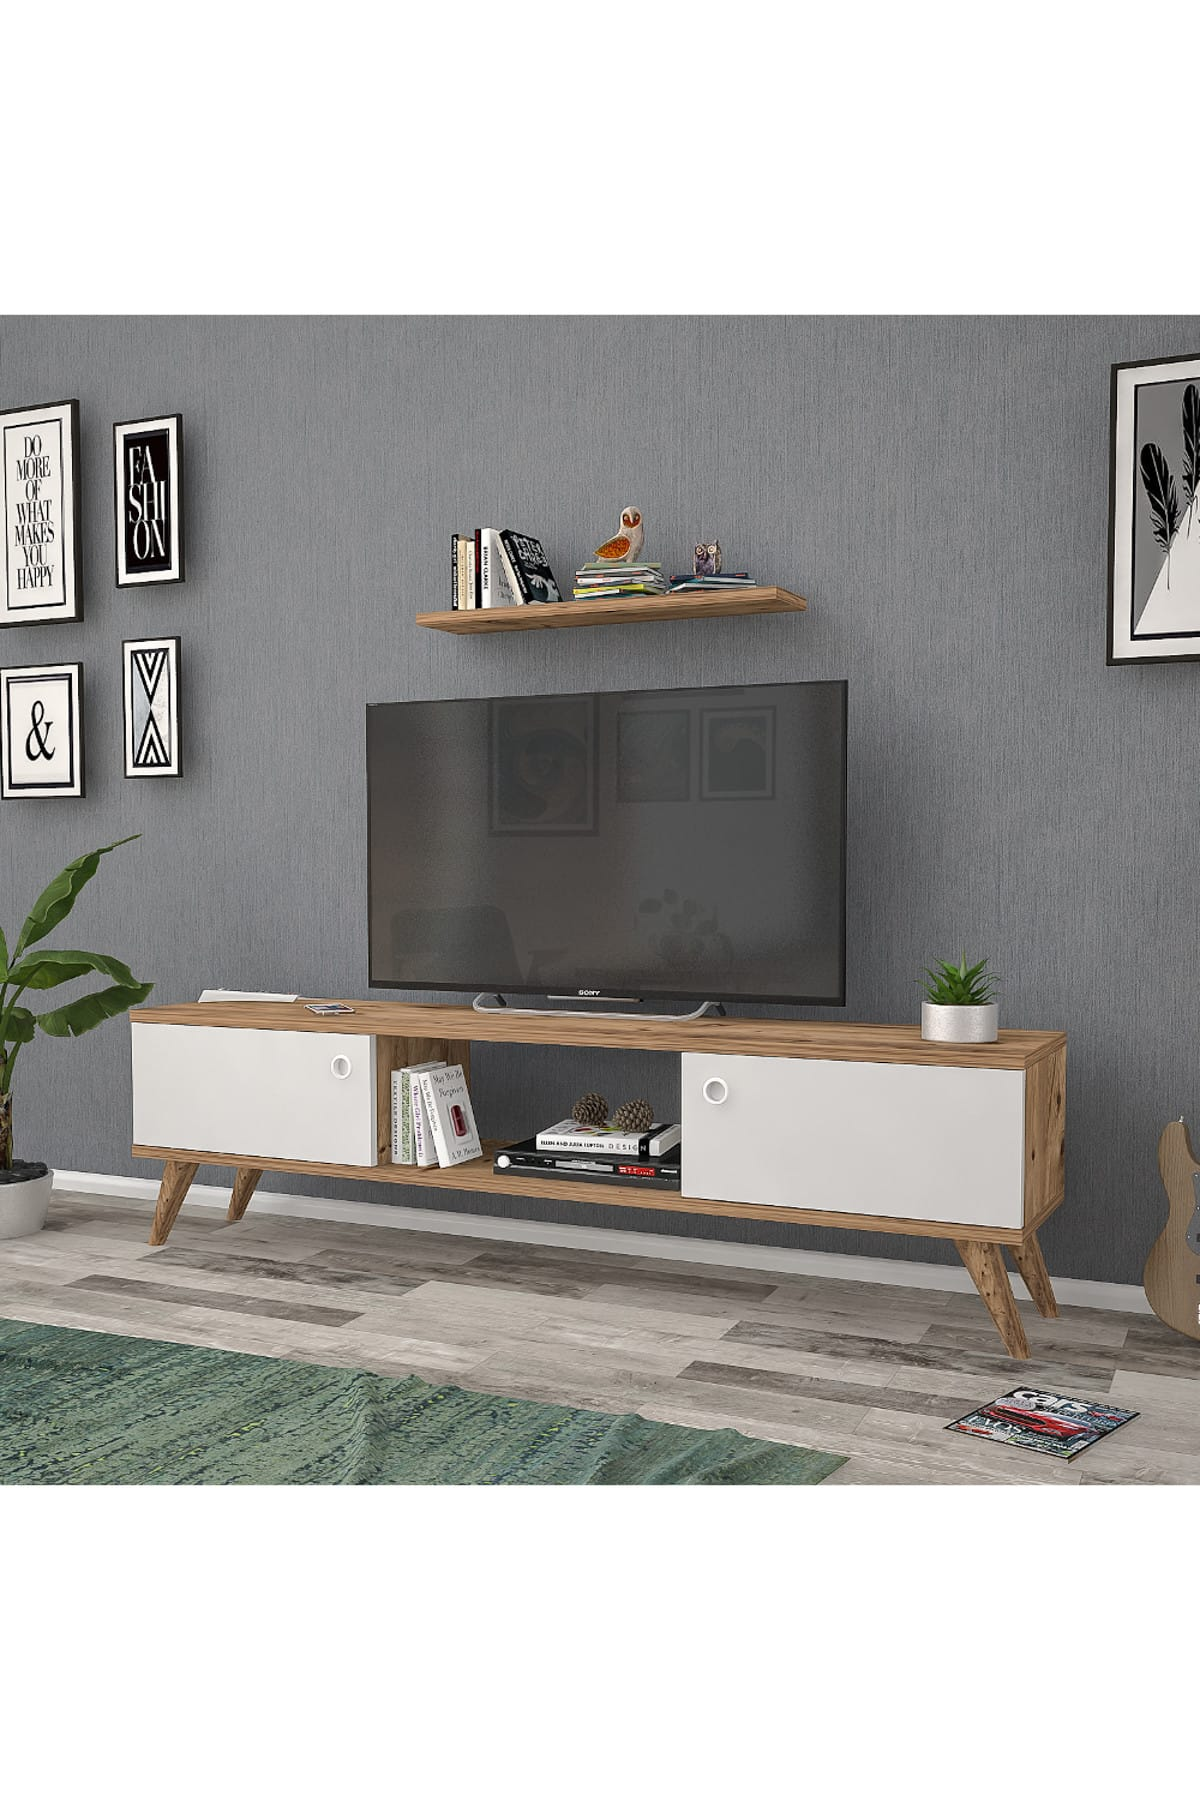 Mbes Mobilya 140 Cm Eda Atlantik -beyaz Tv Ünitesi 2